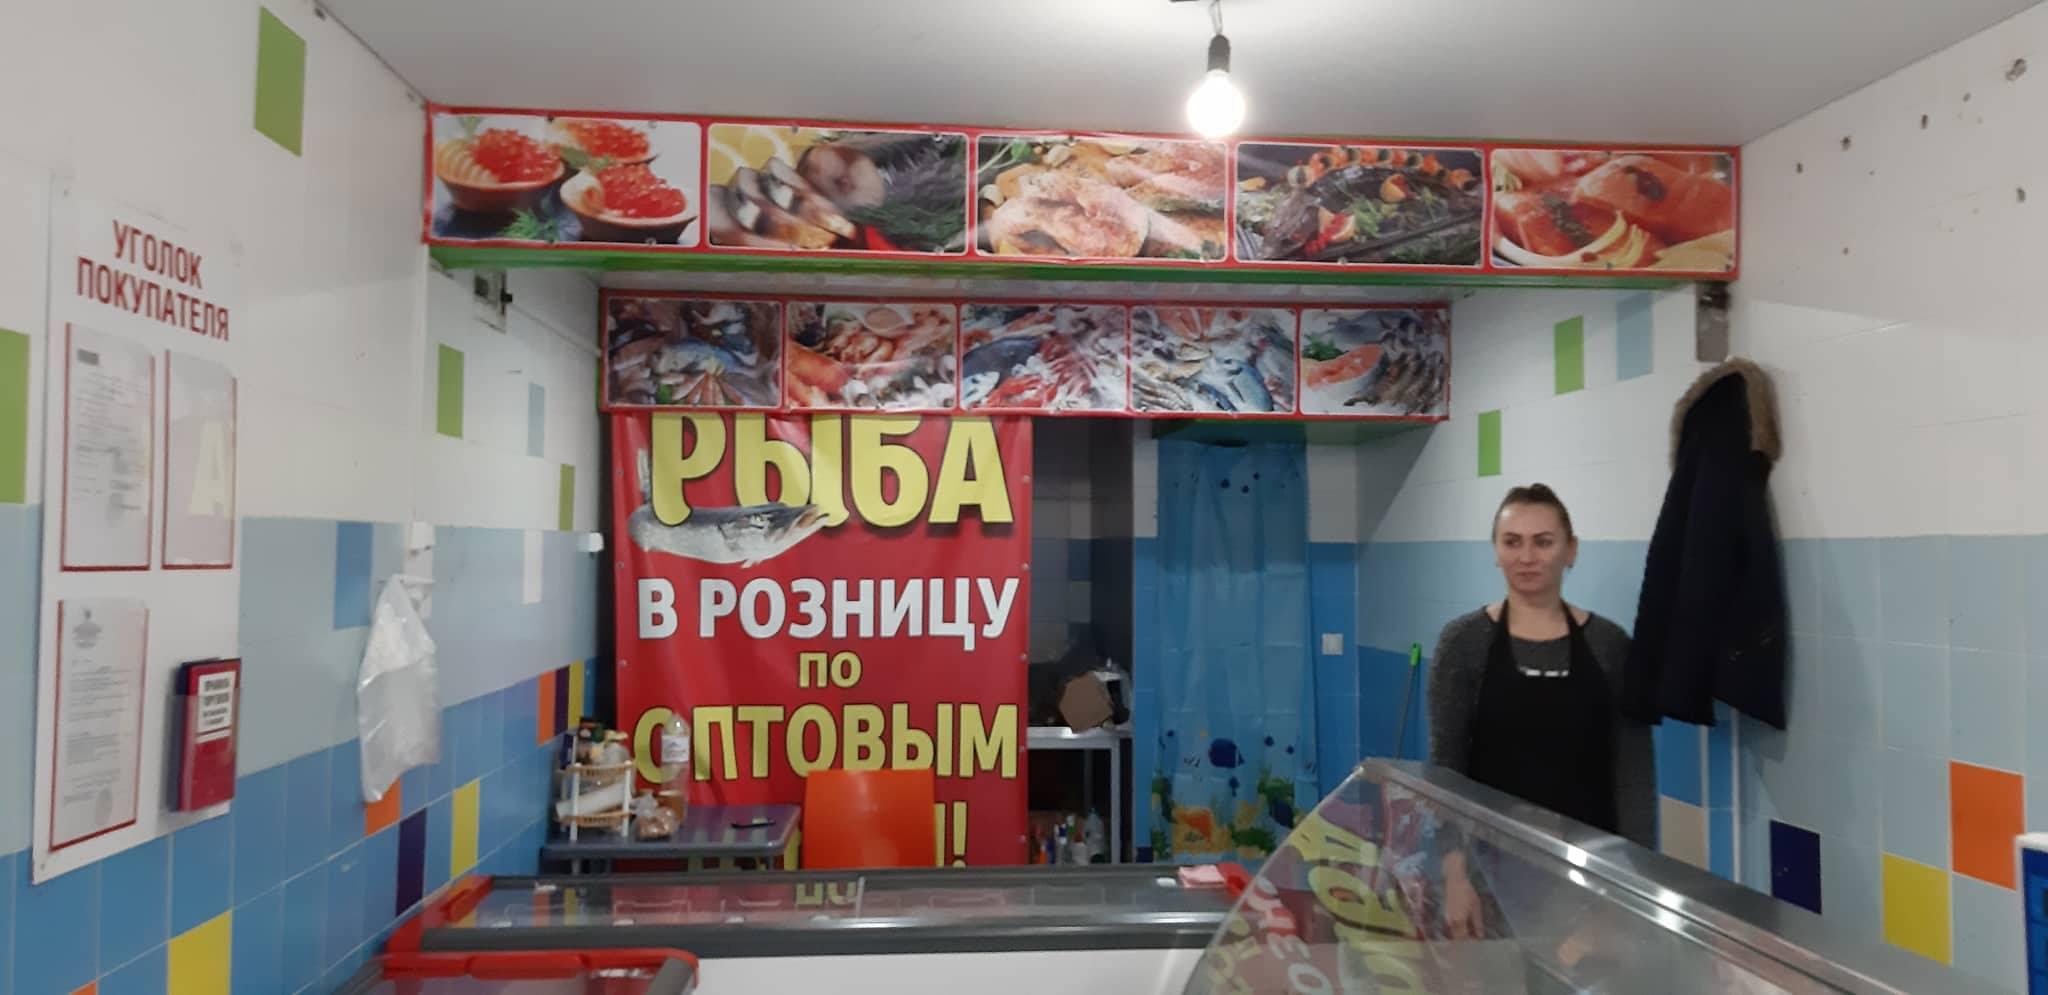 «Мы будто вернулись в 90-е». В российских регионах начали продавать еду в долг 3